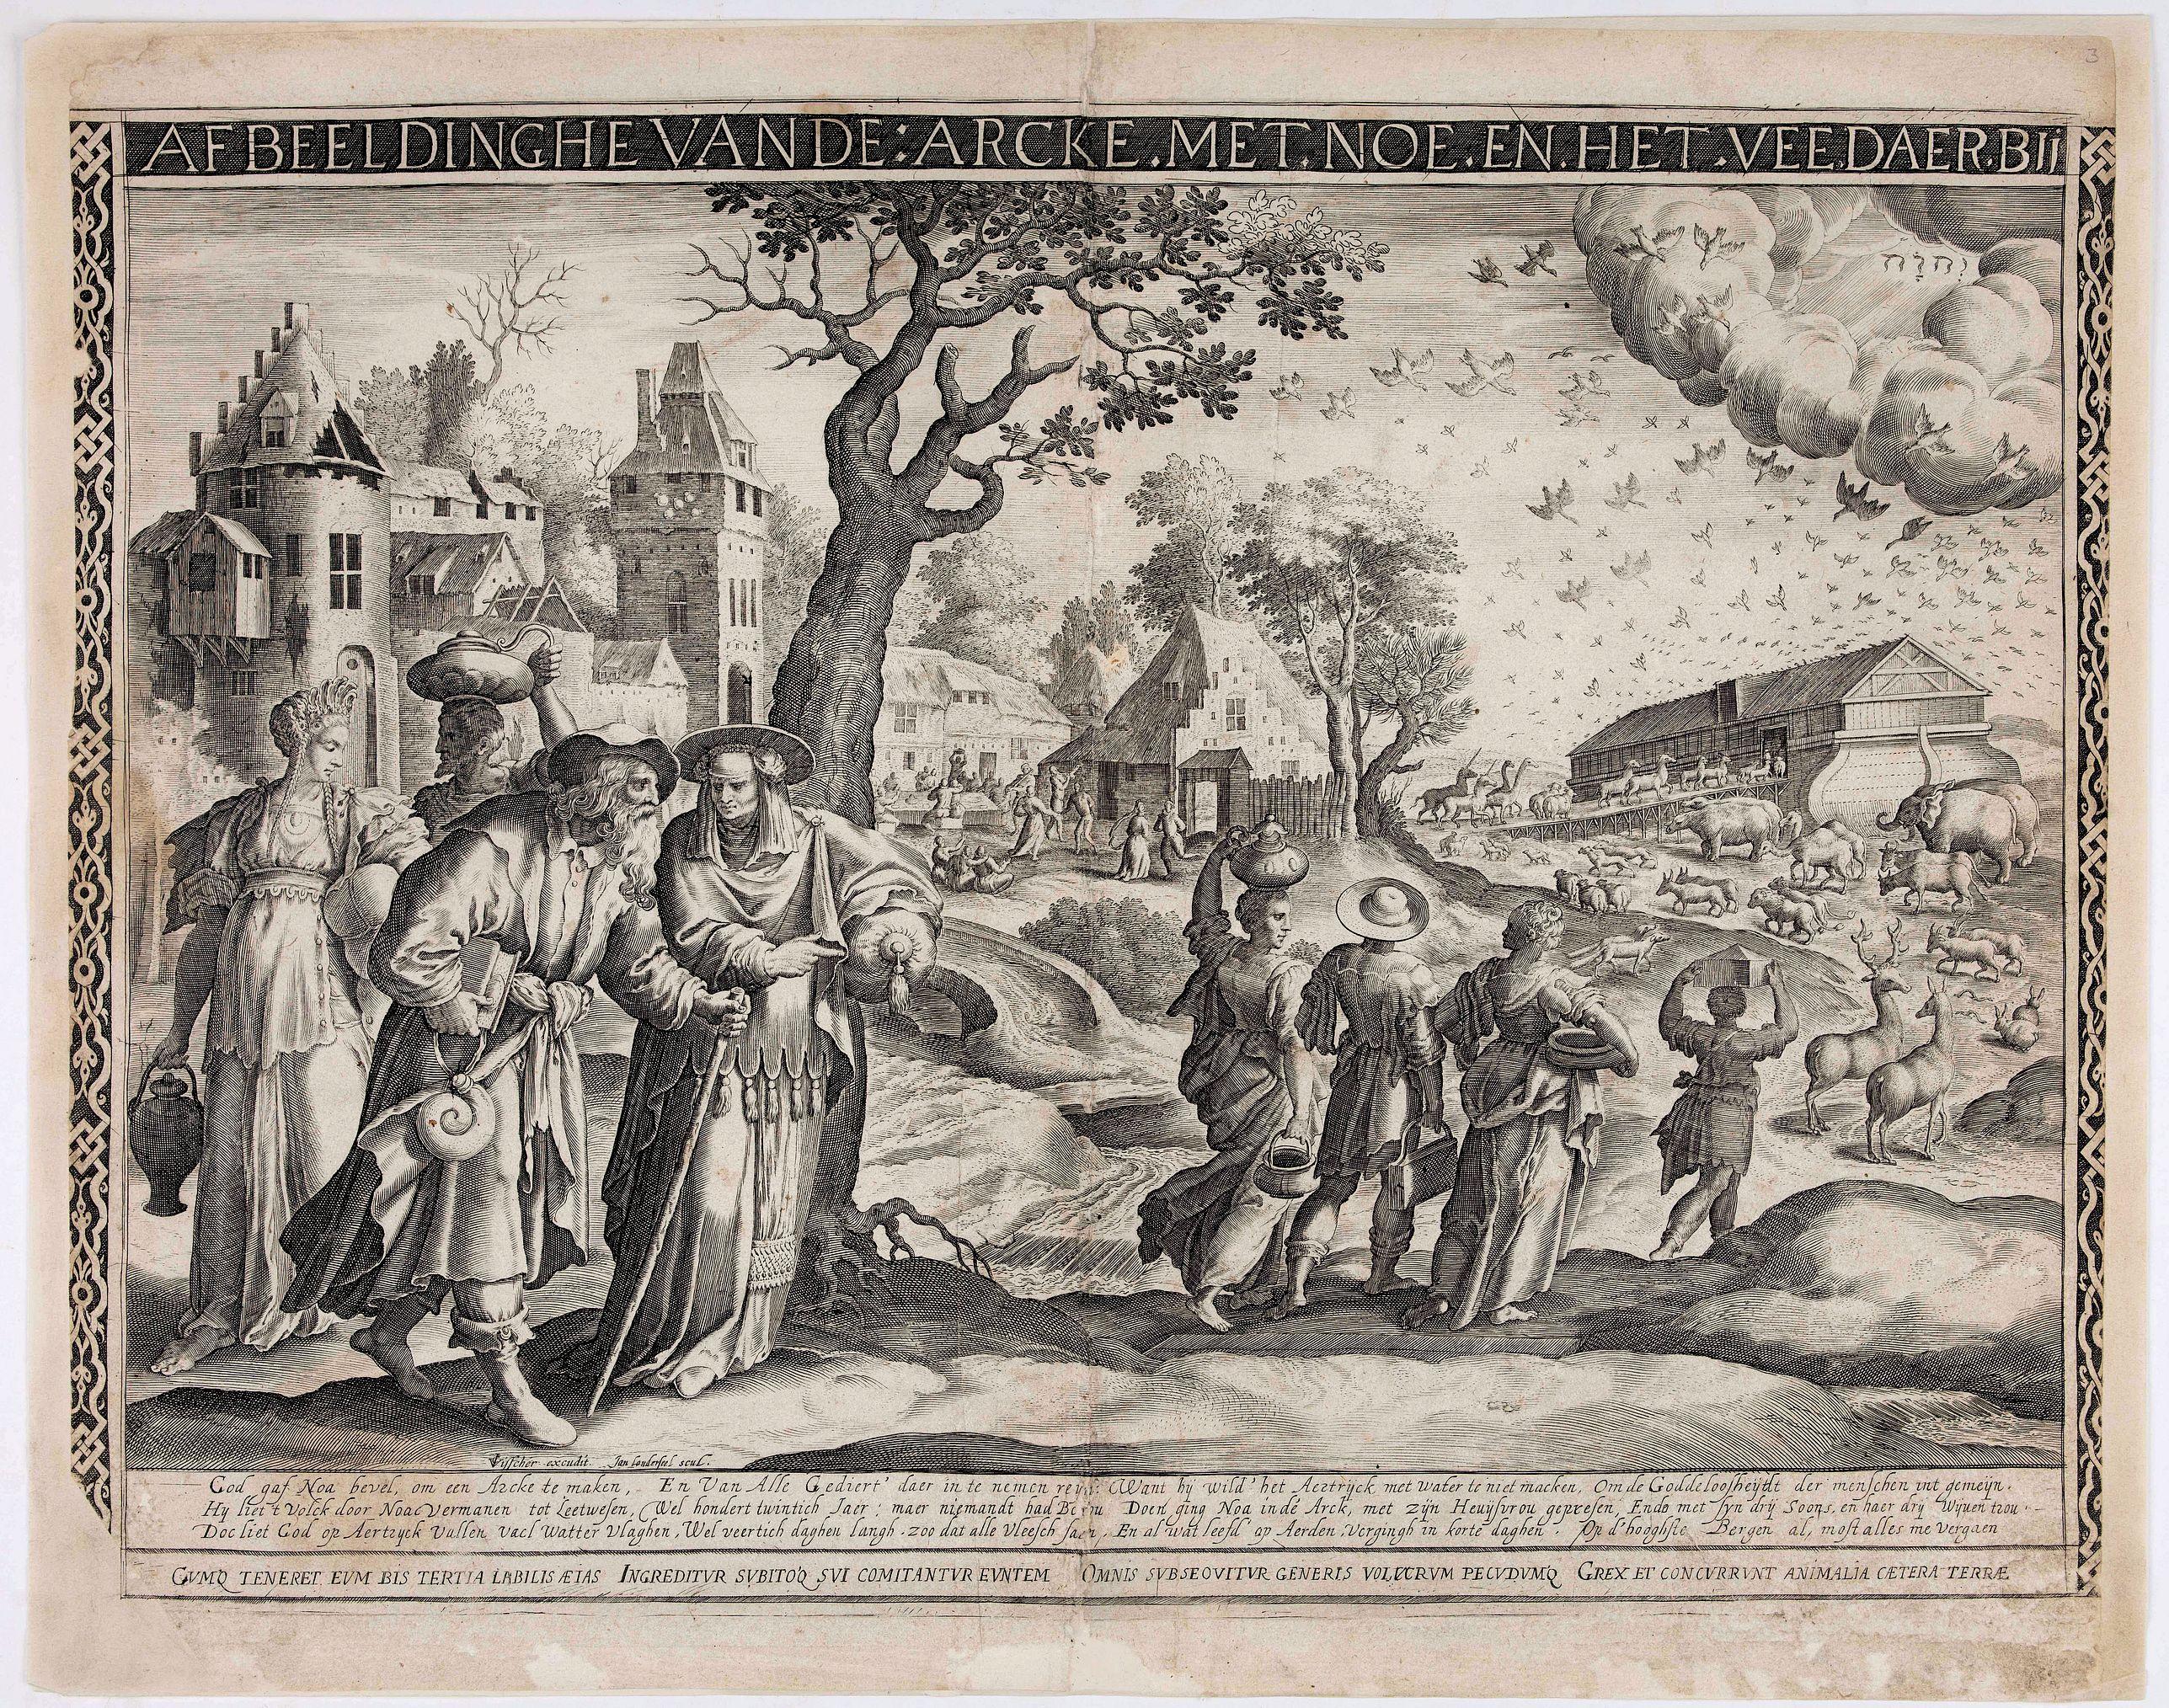 VISSCHER, C.J. / SONDERSEEL, J. -  Afbeeldinghe vande: arck. met. Noe. en. het. vee. daer. bij.